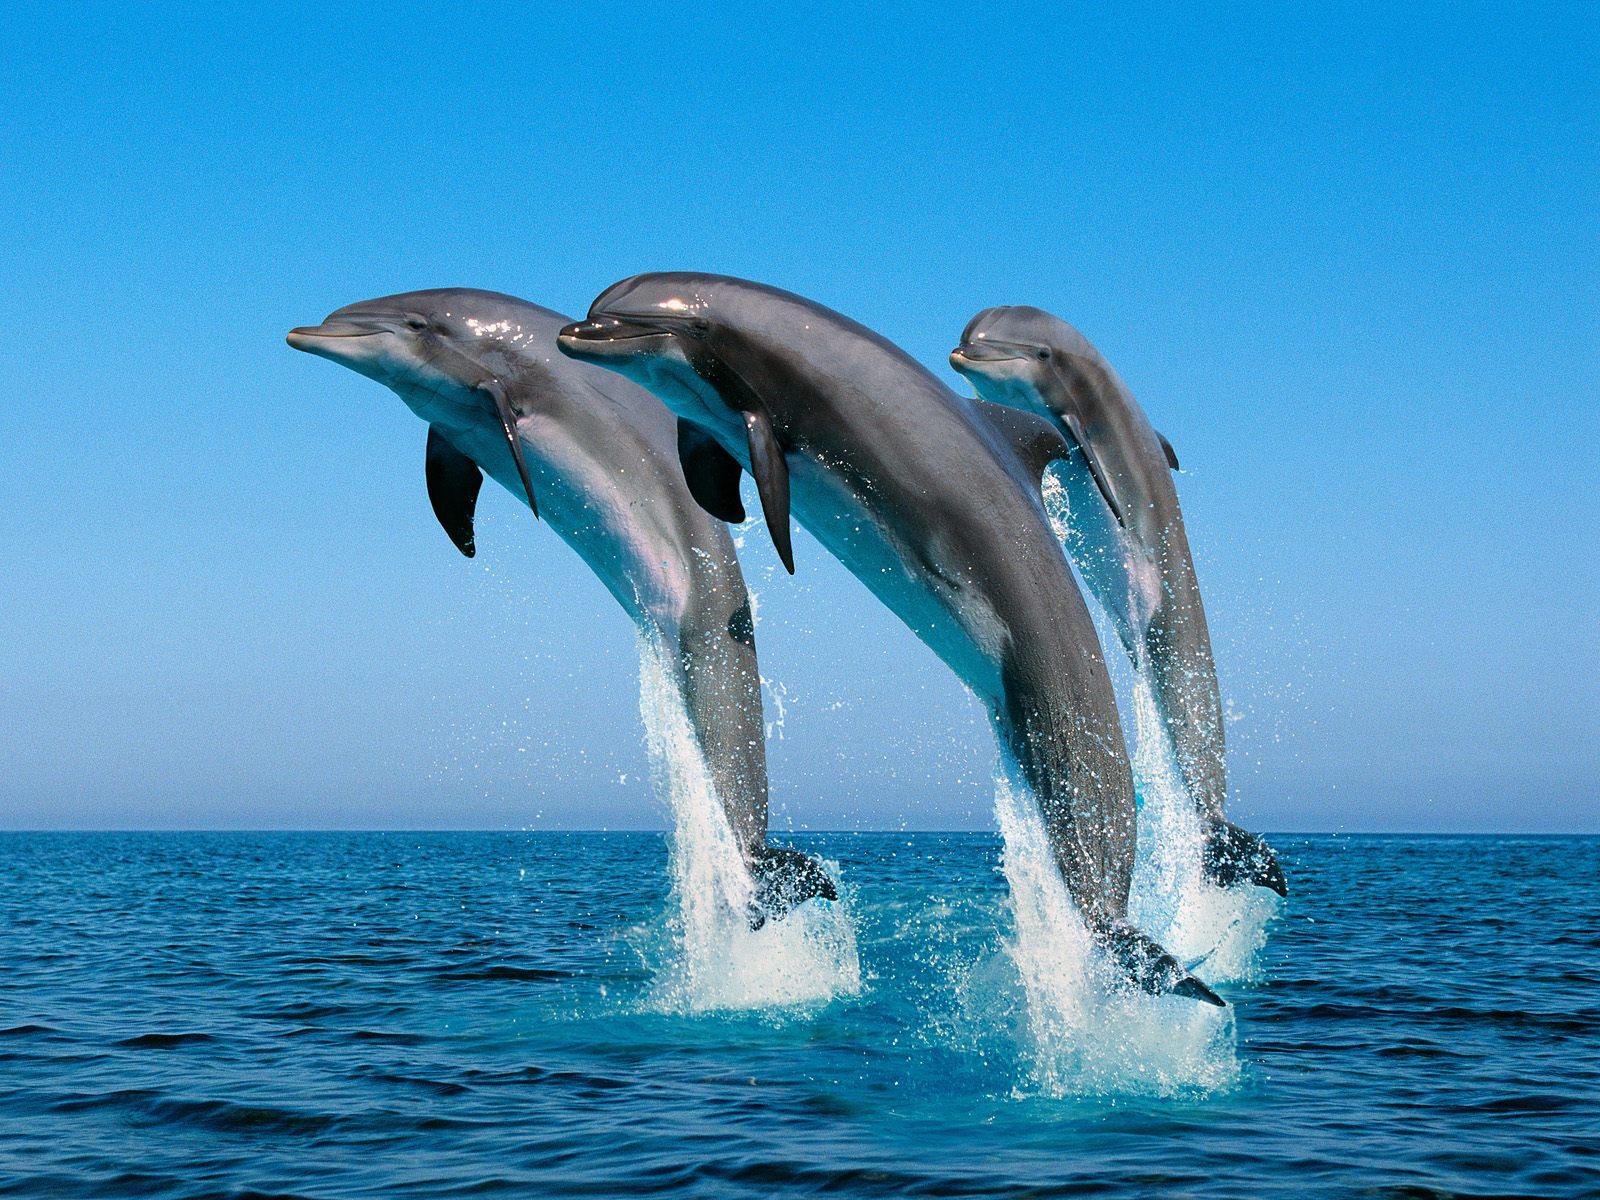 http://1.bp.blogspot.com/-Nyeo2octf-A/TxW11ORSv9I/AAAAAAAAC_E/B0no9C_M70c/s1600/Dolphin-Jumping-Desktop-Wallpaper.jpg